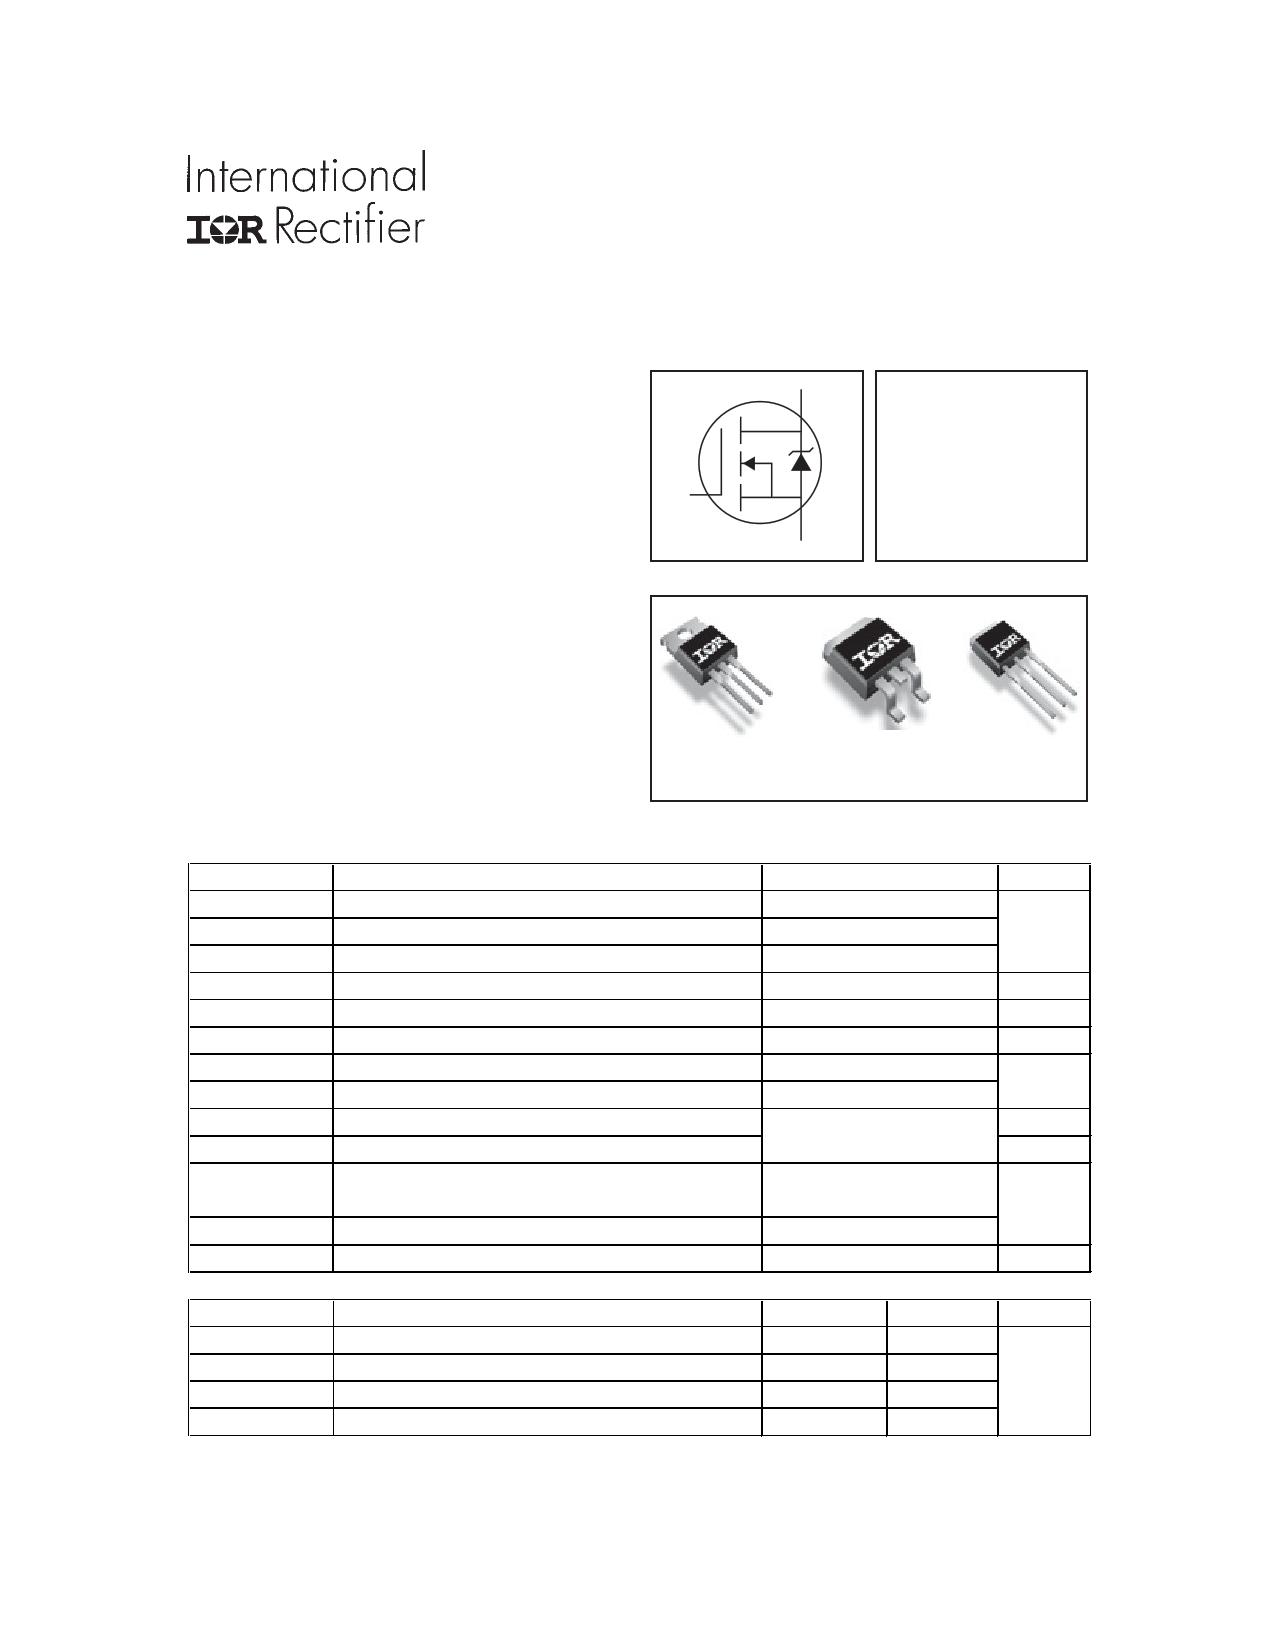 IRFZ44ZSPbF Datasheet, IRFZ44ZSPbF PDF,ピン配置, 機能